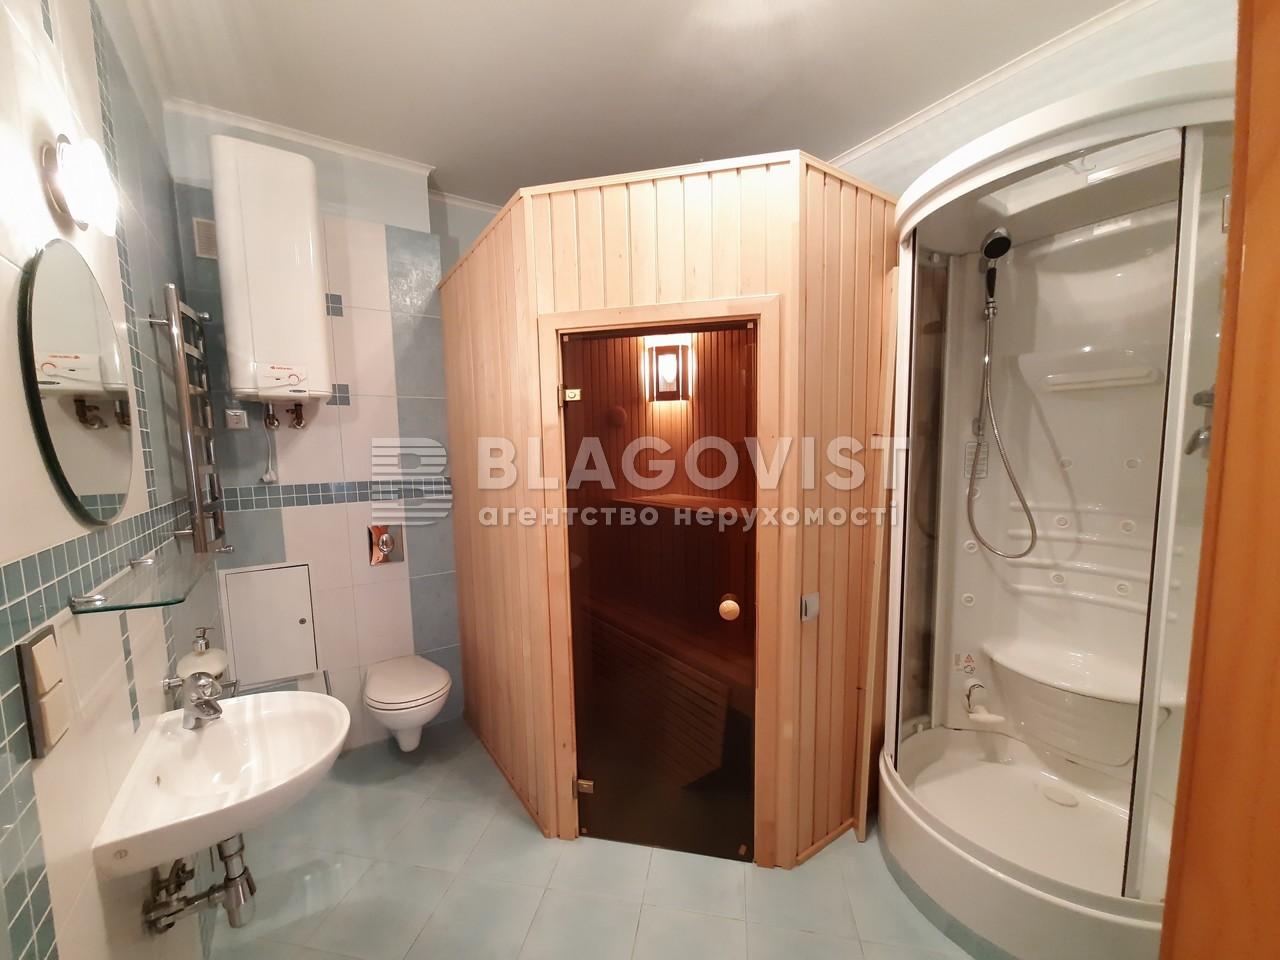 Квартира G-24641, Волошская, 51/27, Киев - Фото 17